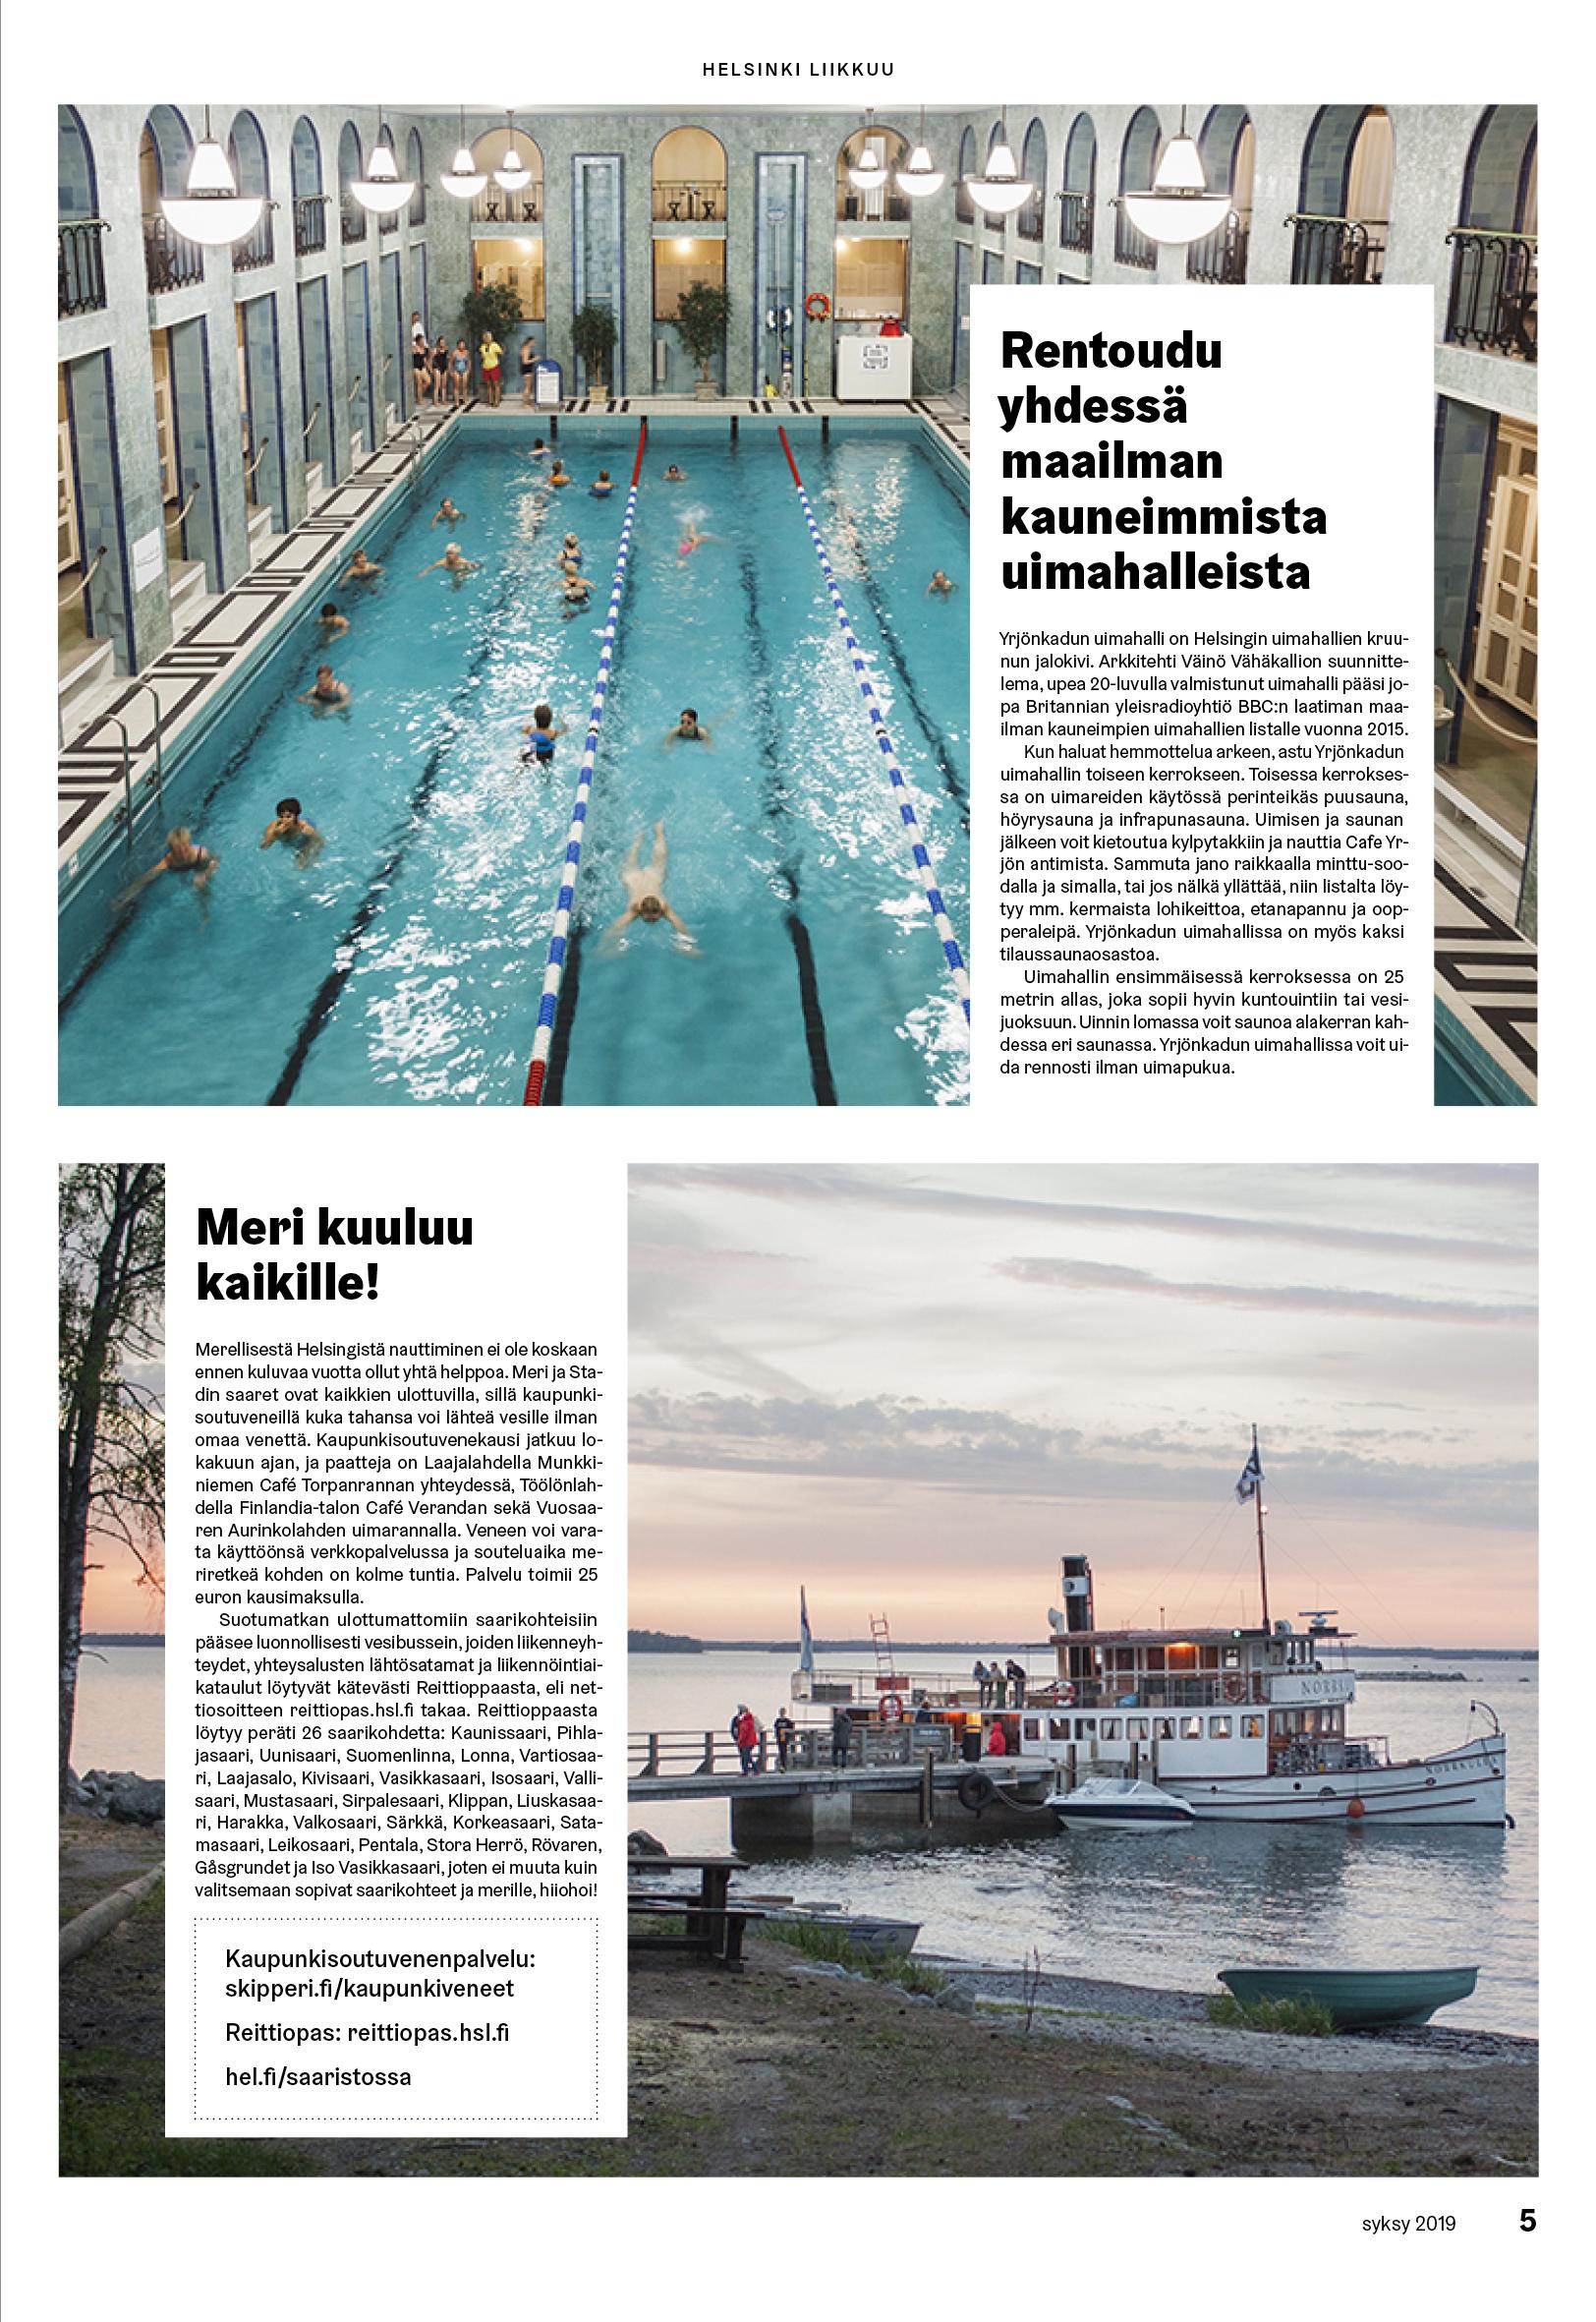 Helsingin_Uutiset_liikuntapalveluiden_syysesite_2019_netti5